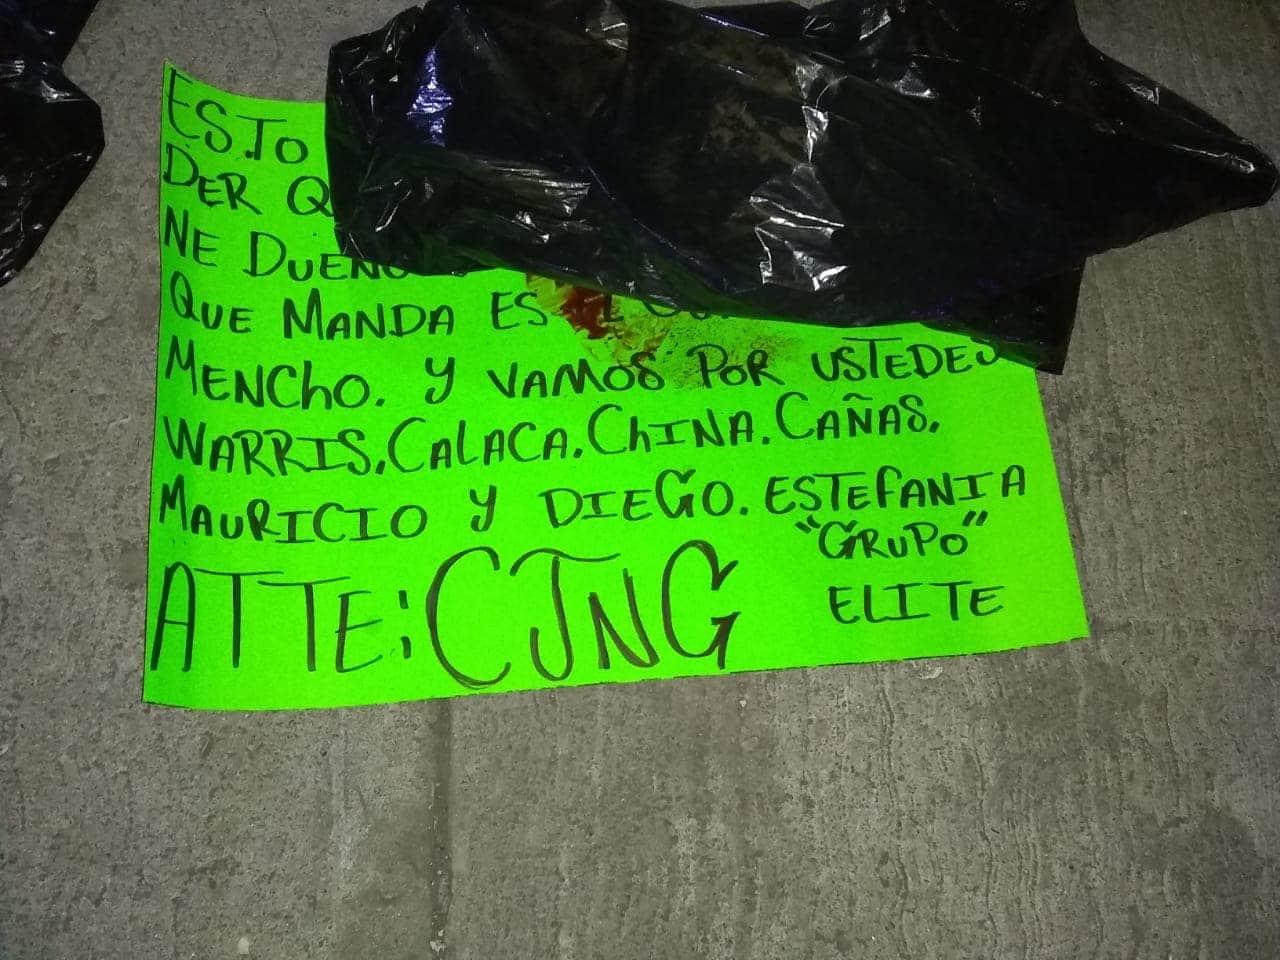 Localizan cuerpo de un hombre con mensaje del CJNG en Cortazar, Guanajuato